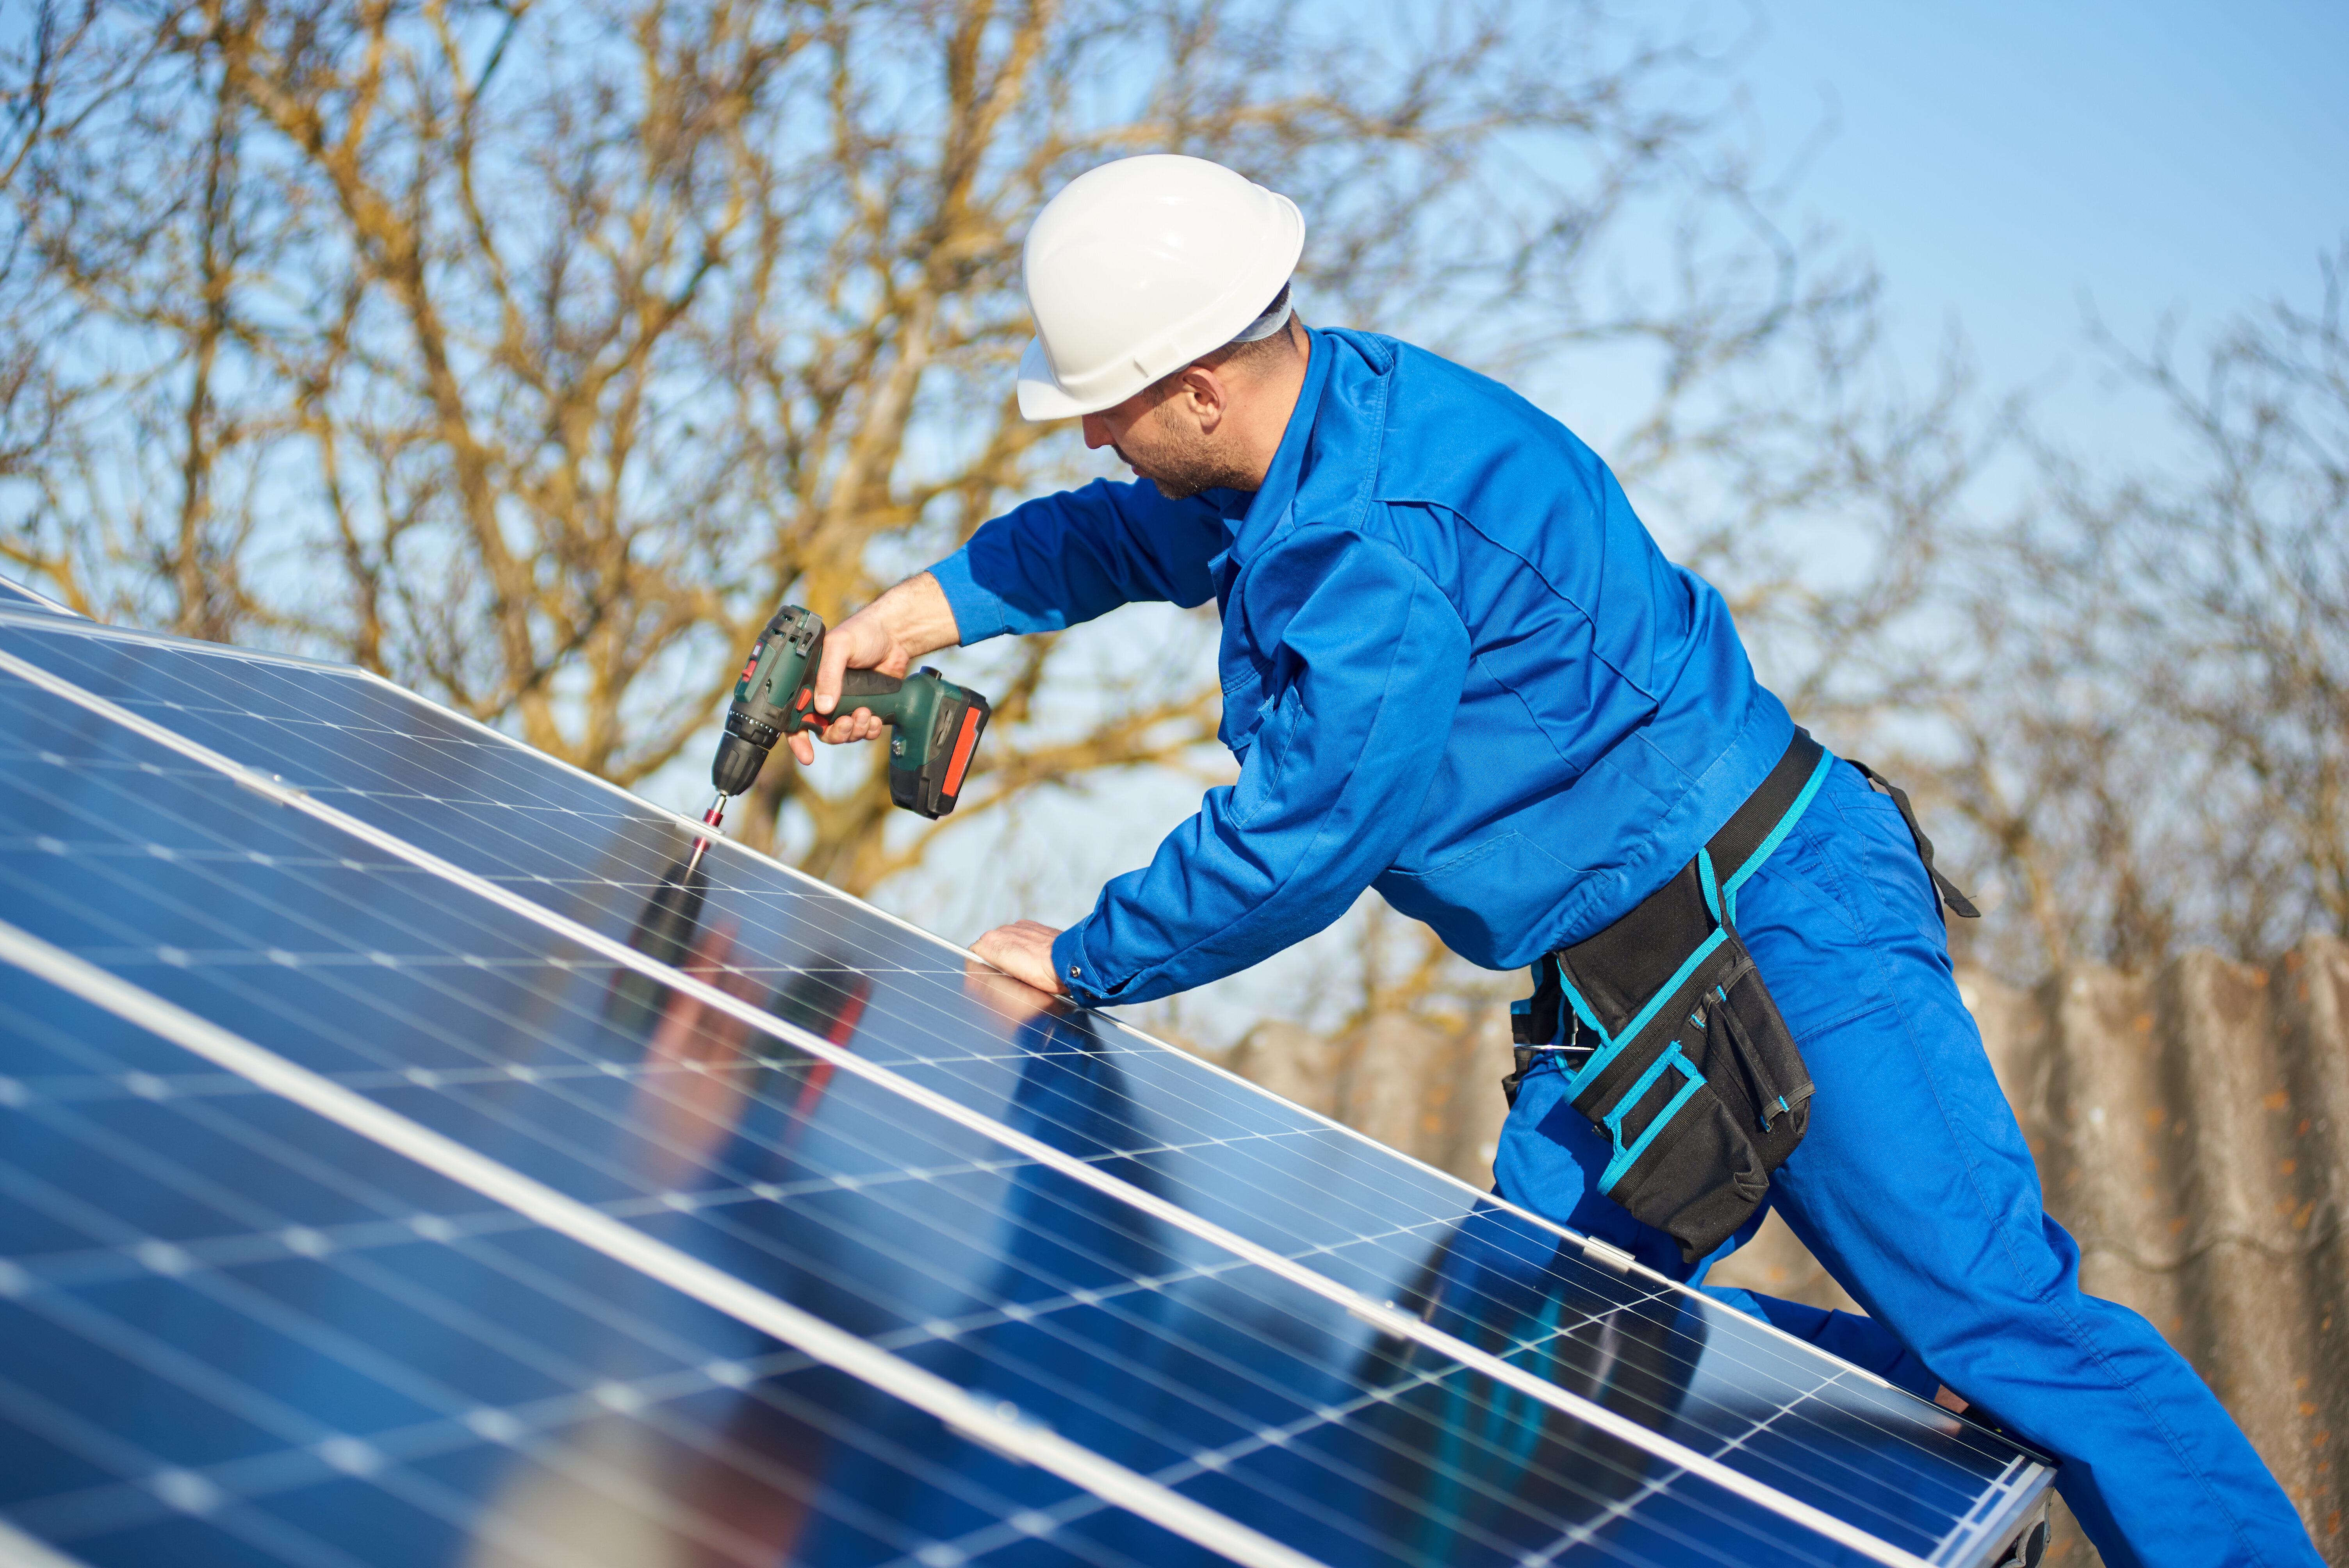 Les emplois verts sont en pleine croissance au